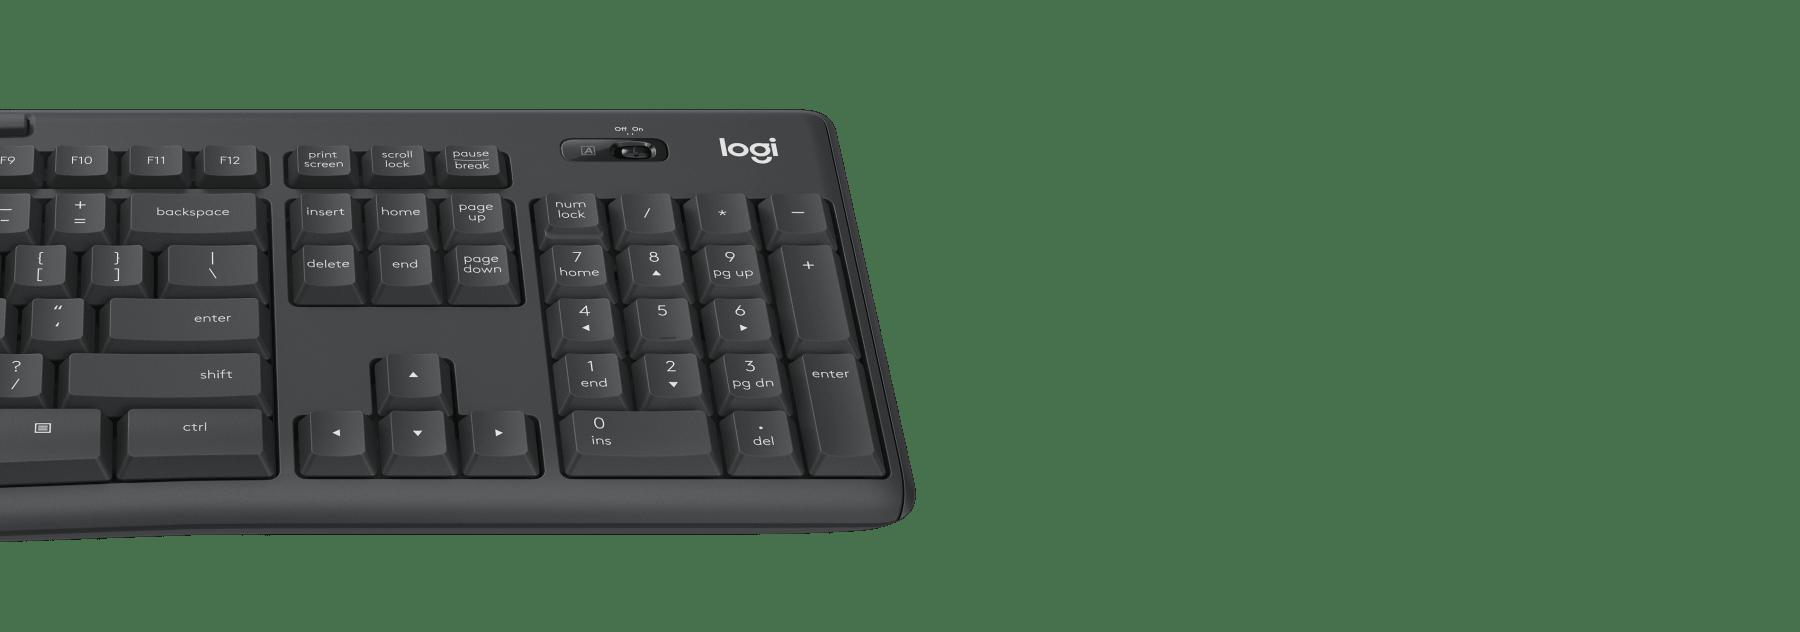 Bàn phím của Bộ bàn phím + chuột không dây Logitech MK295 màu đen (USB/SilentTouch) có kích thước đầy đủ